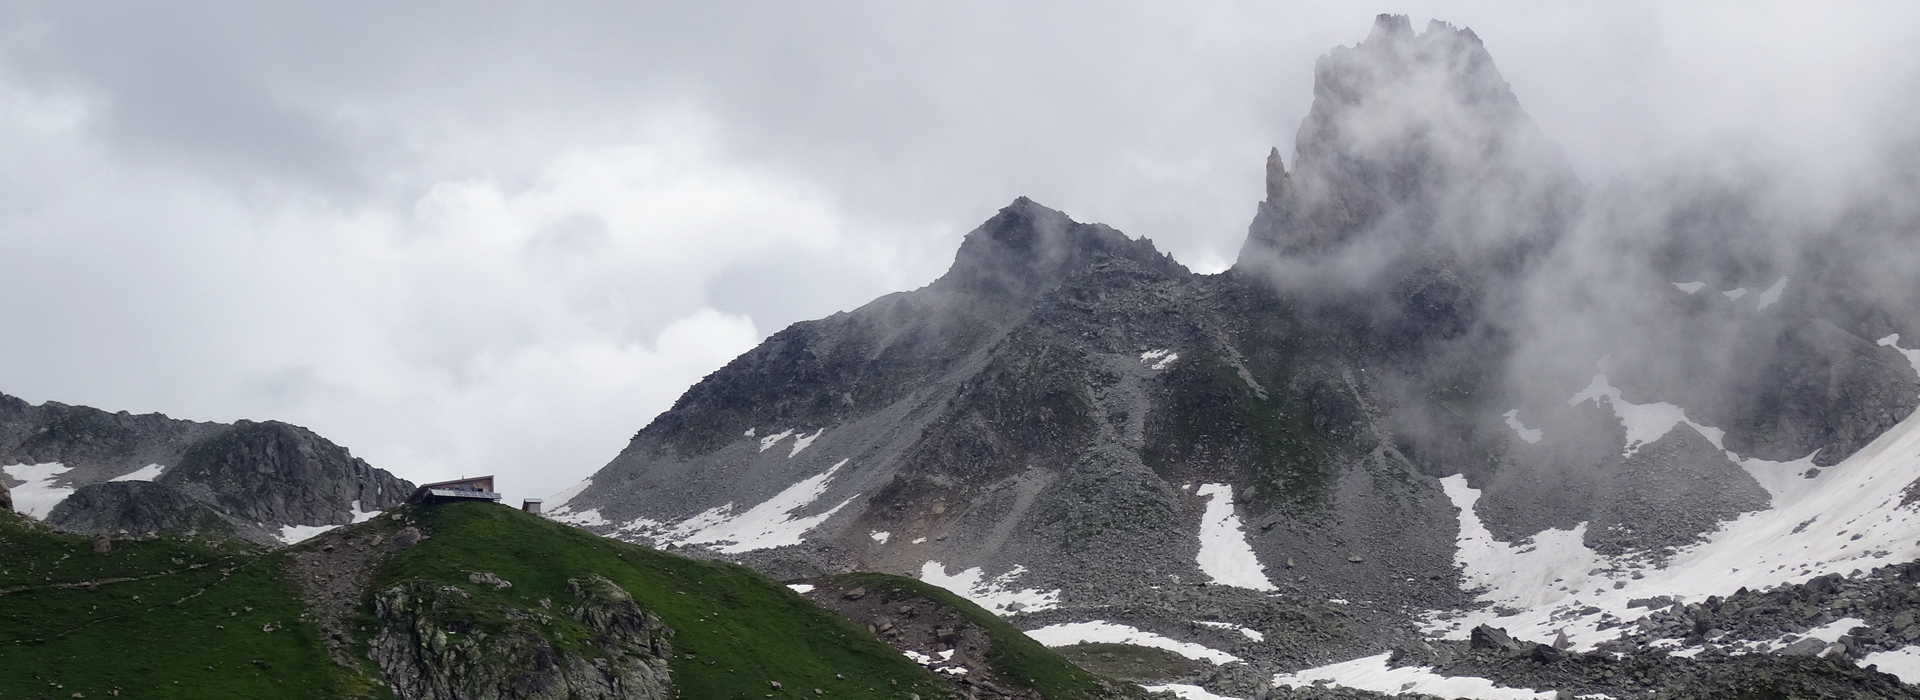 GTA - Etape 9 - Petite Berge - Valezan